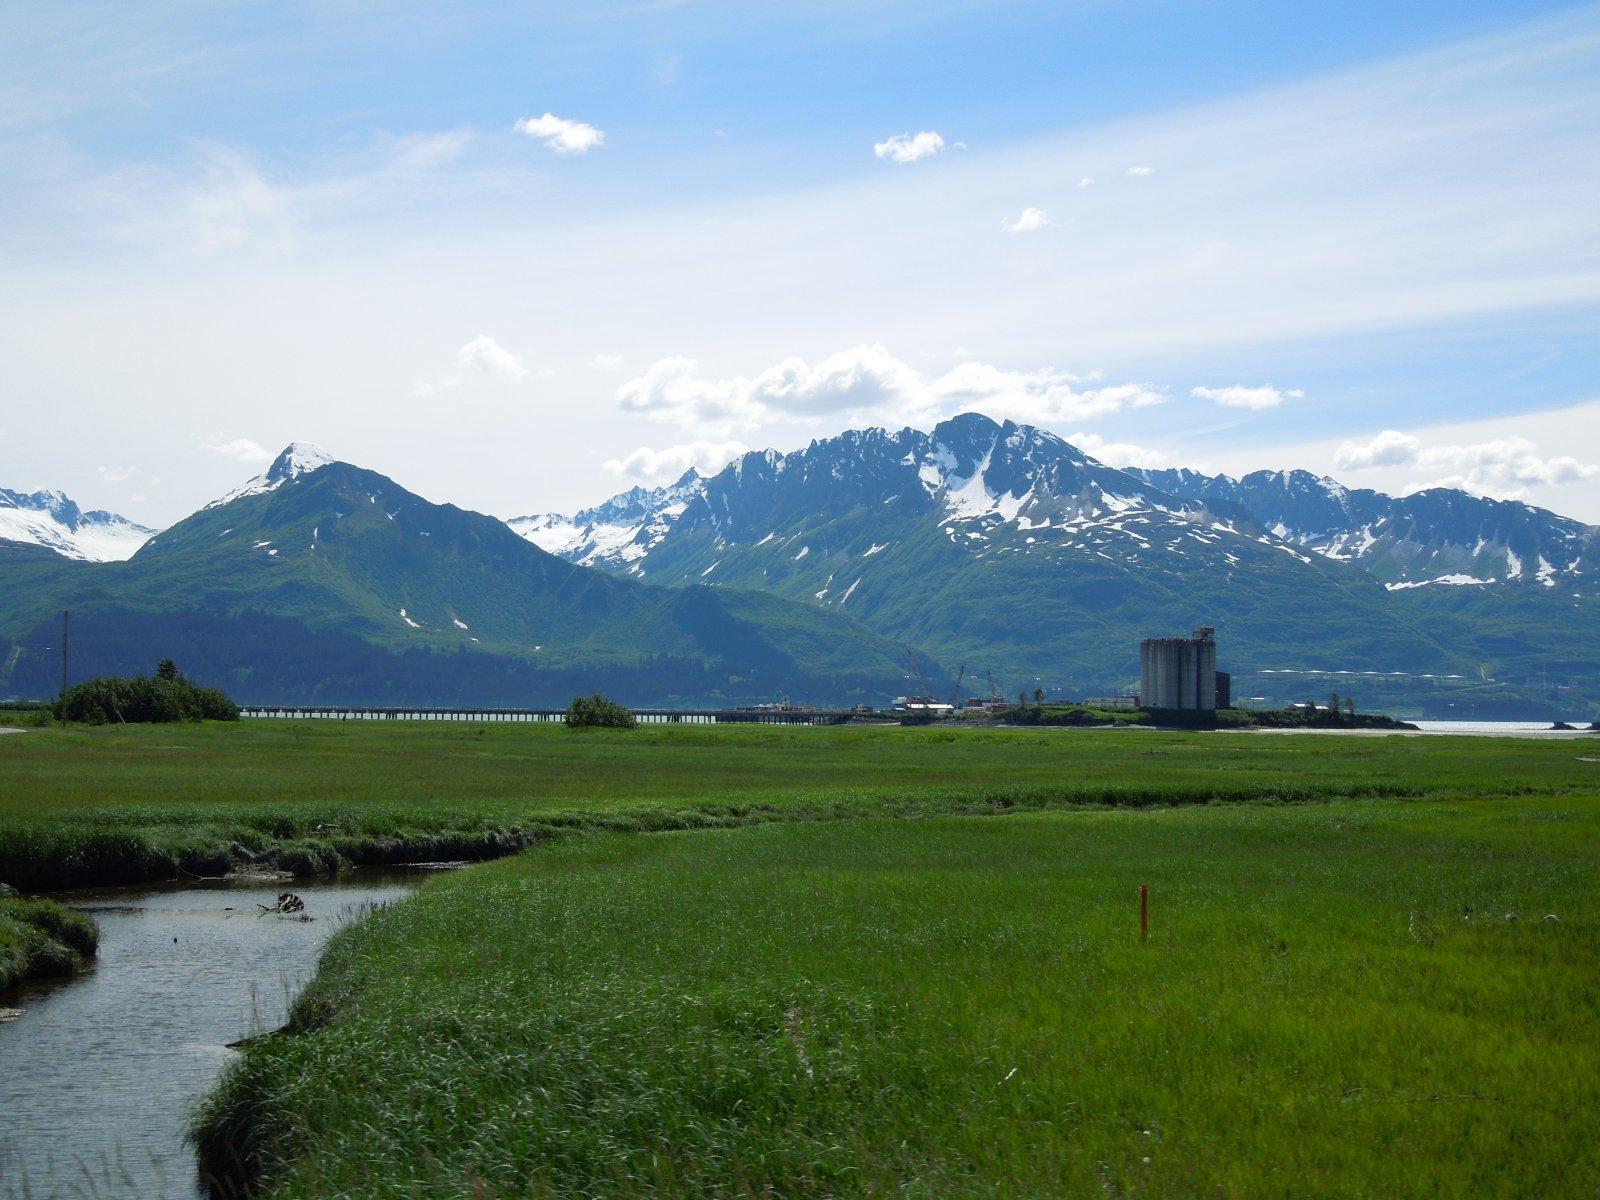 Click image for larger version  Name:Glennallen to Valdez 150.jpg Views:53 Size:284.8 KB ID:215354